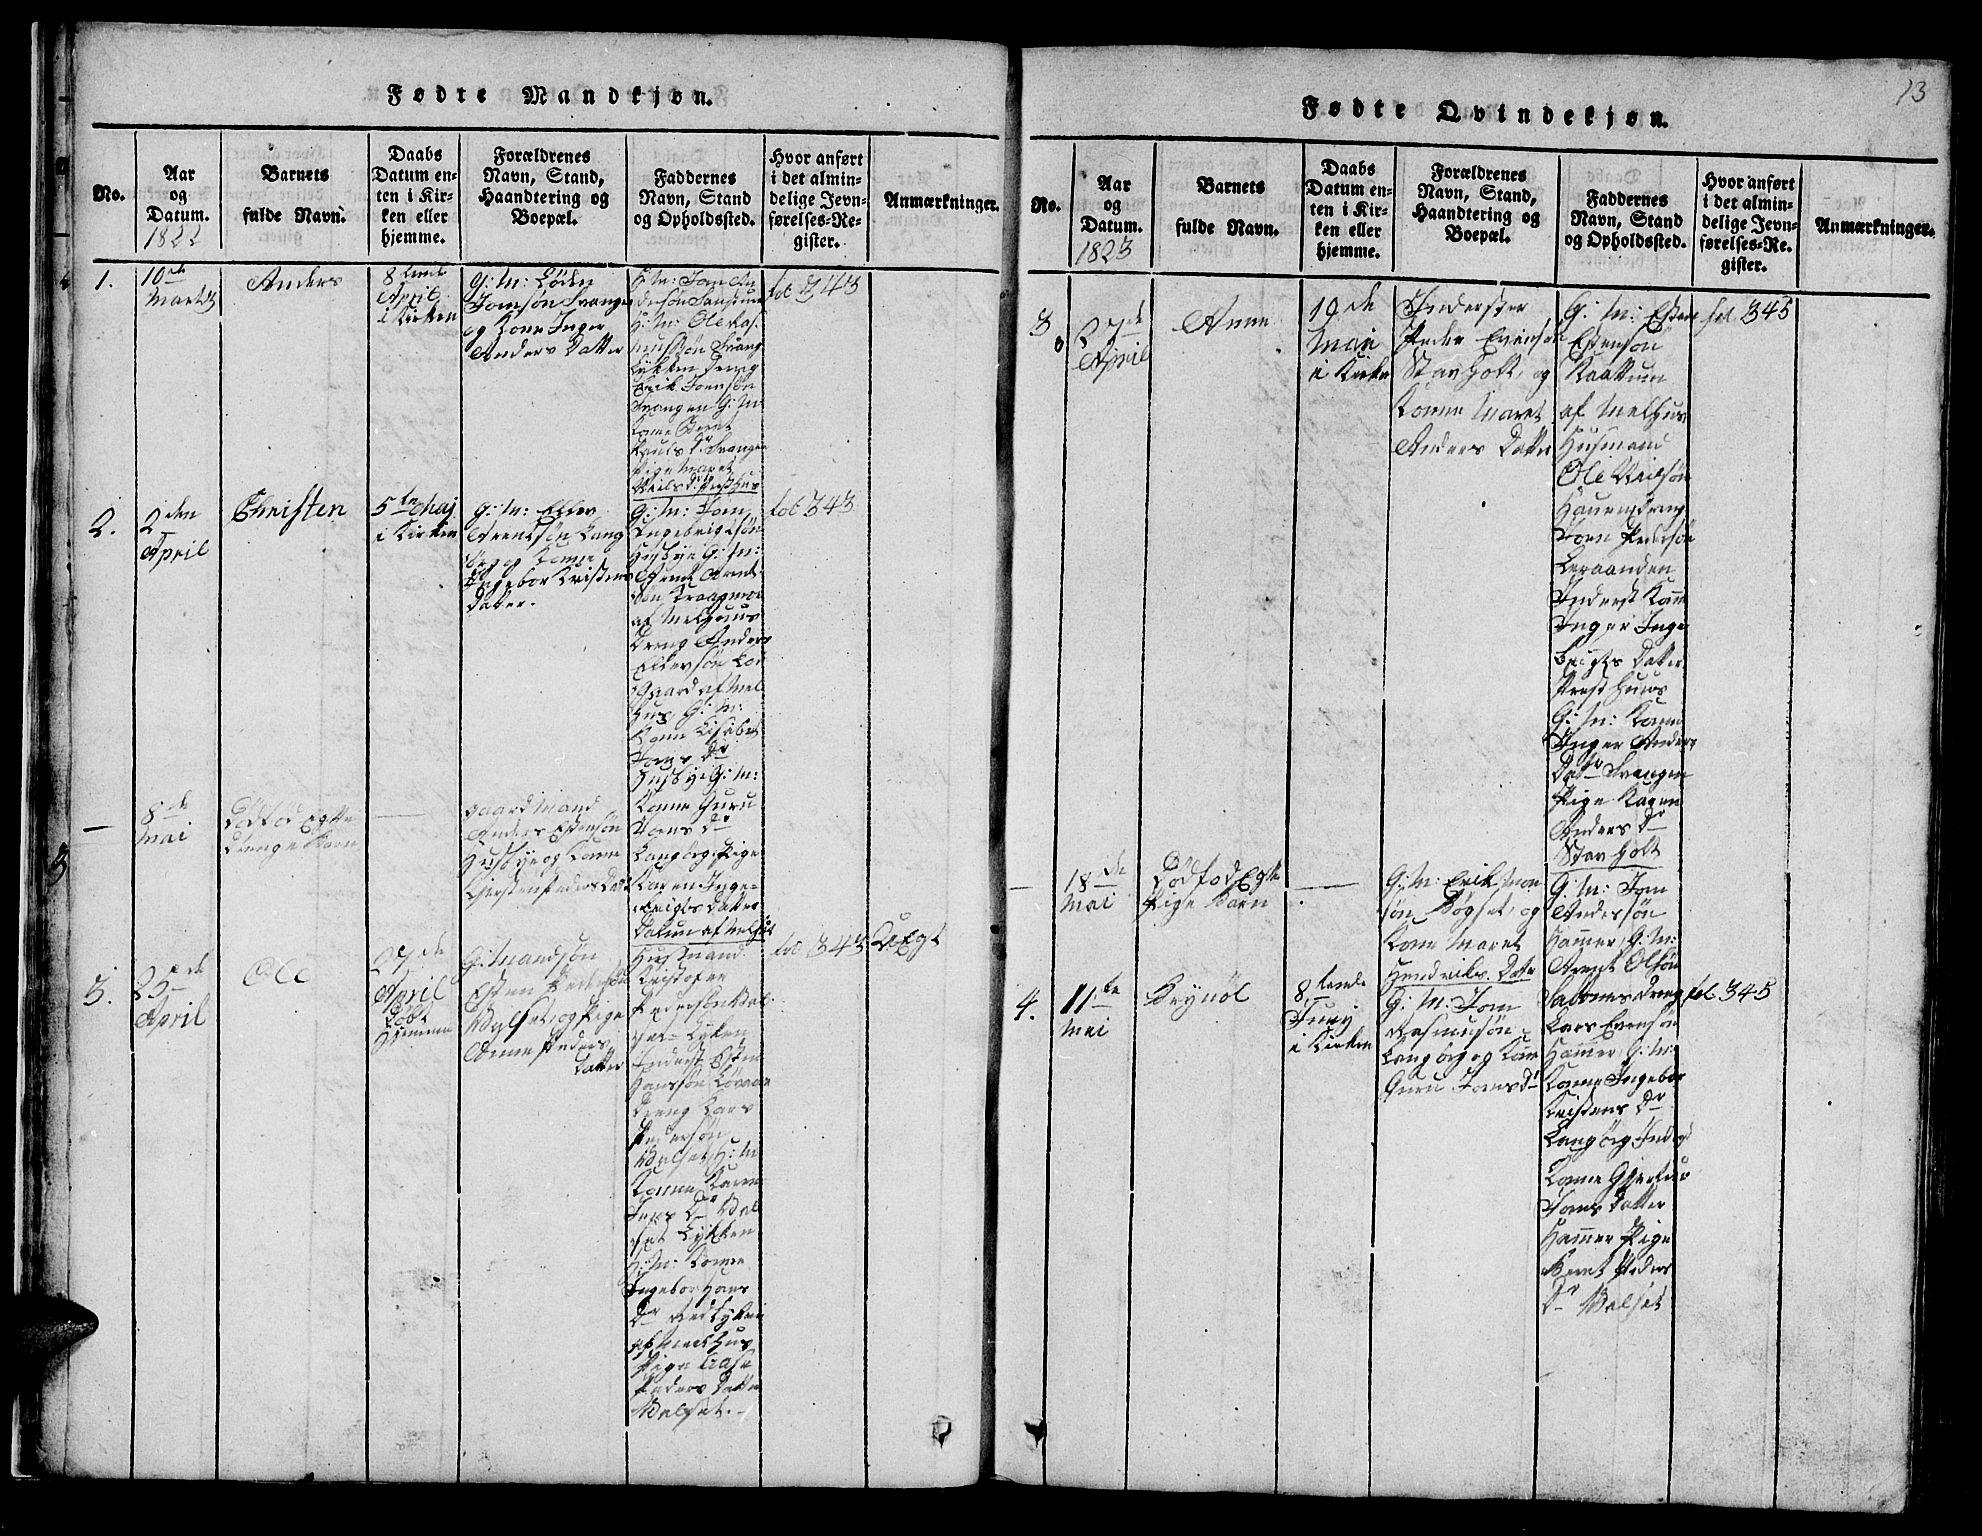 SAT, Ministerialprotokoller, klokkerbøker og fødselsregistre - Sør-Trøndelag, 666/L0788: Klokkerbok nr. 666C01, 1816-1847, s. 13